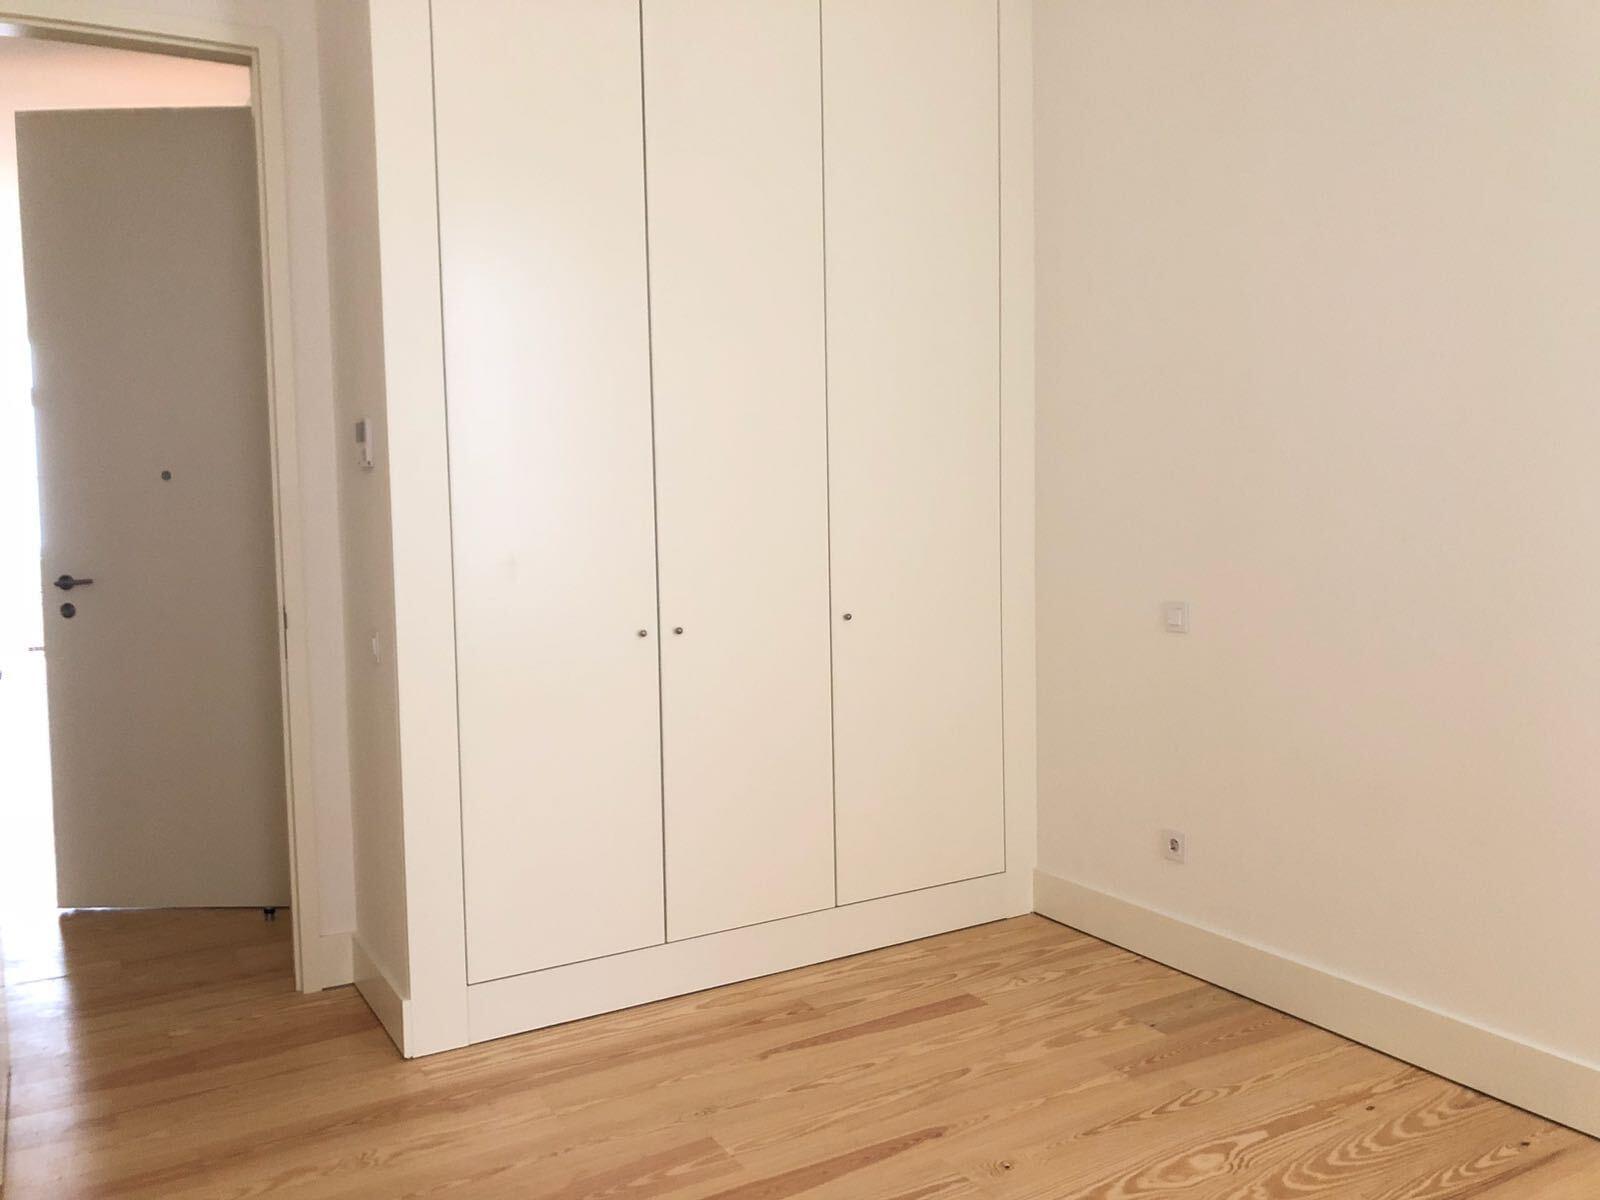 pf17142-apartamento-t2-lisboa-08ab72c2-a53f-442f-9a52-30d018328693